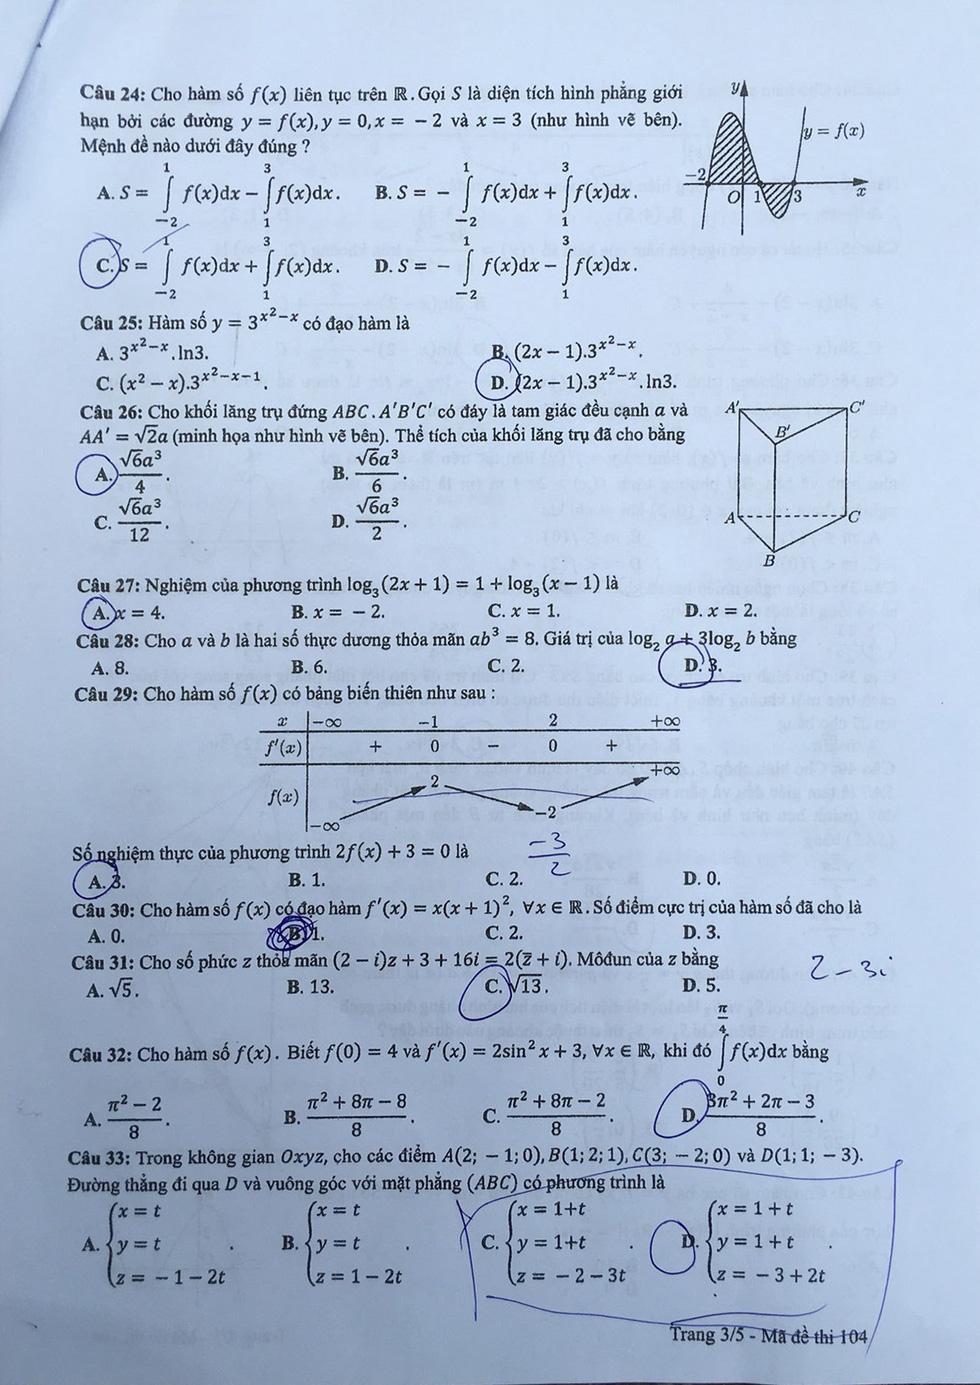 Đáp án môn toán thi THPT quốc gia 2019 - Ảnh 17.